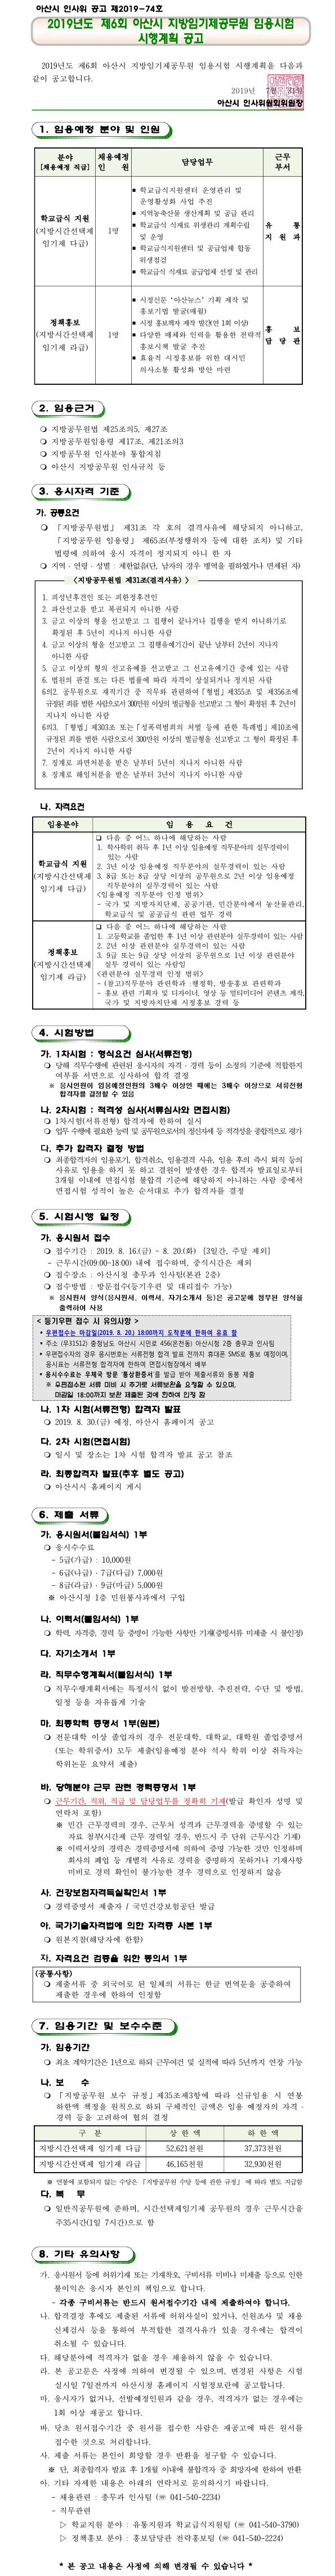 190801_충남아산시_공고문.jpg